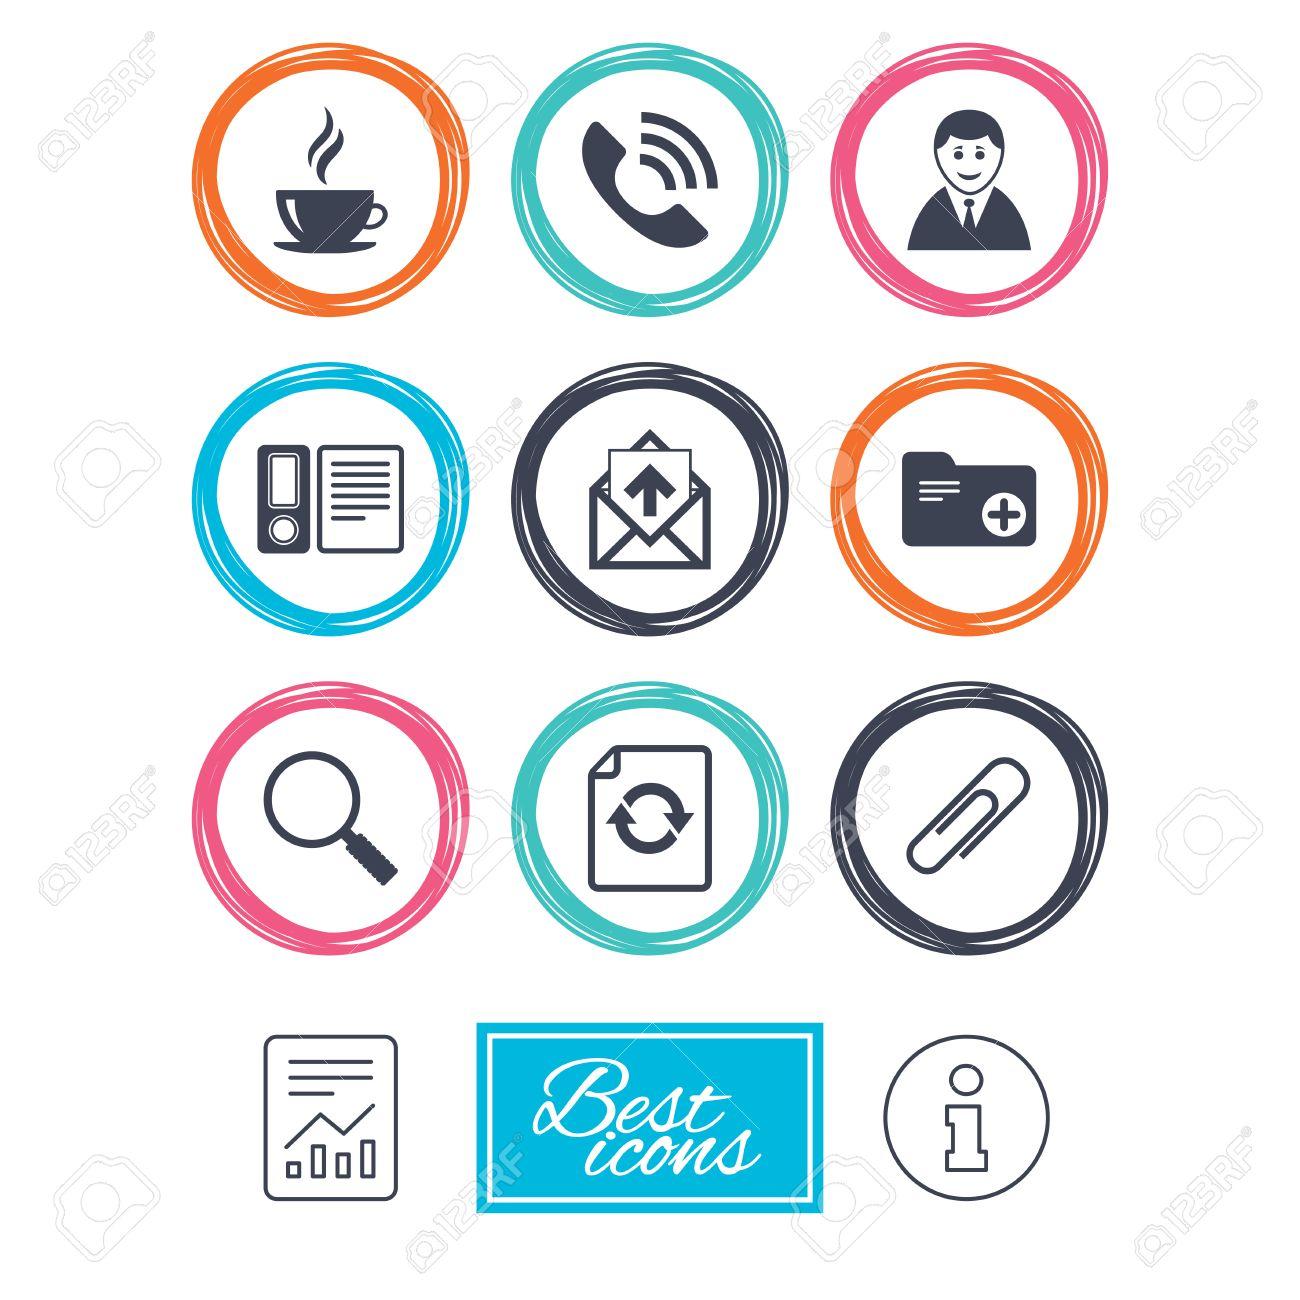 Office, documenti e icone del mondo  Caffè, telefonata e uomo d'affari  firma  spilla di sicurezza, lente di ingrandimento e posta elettronica  simboli